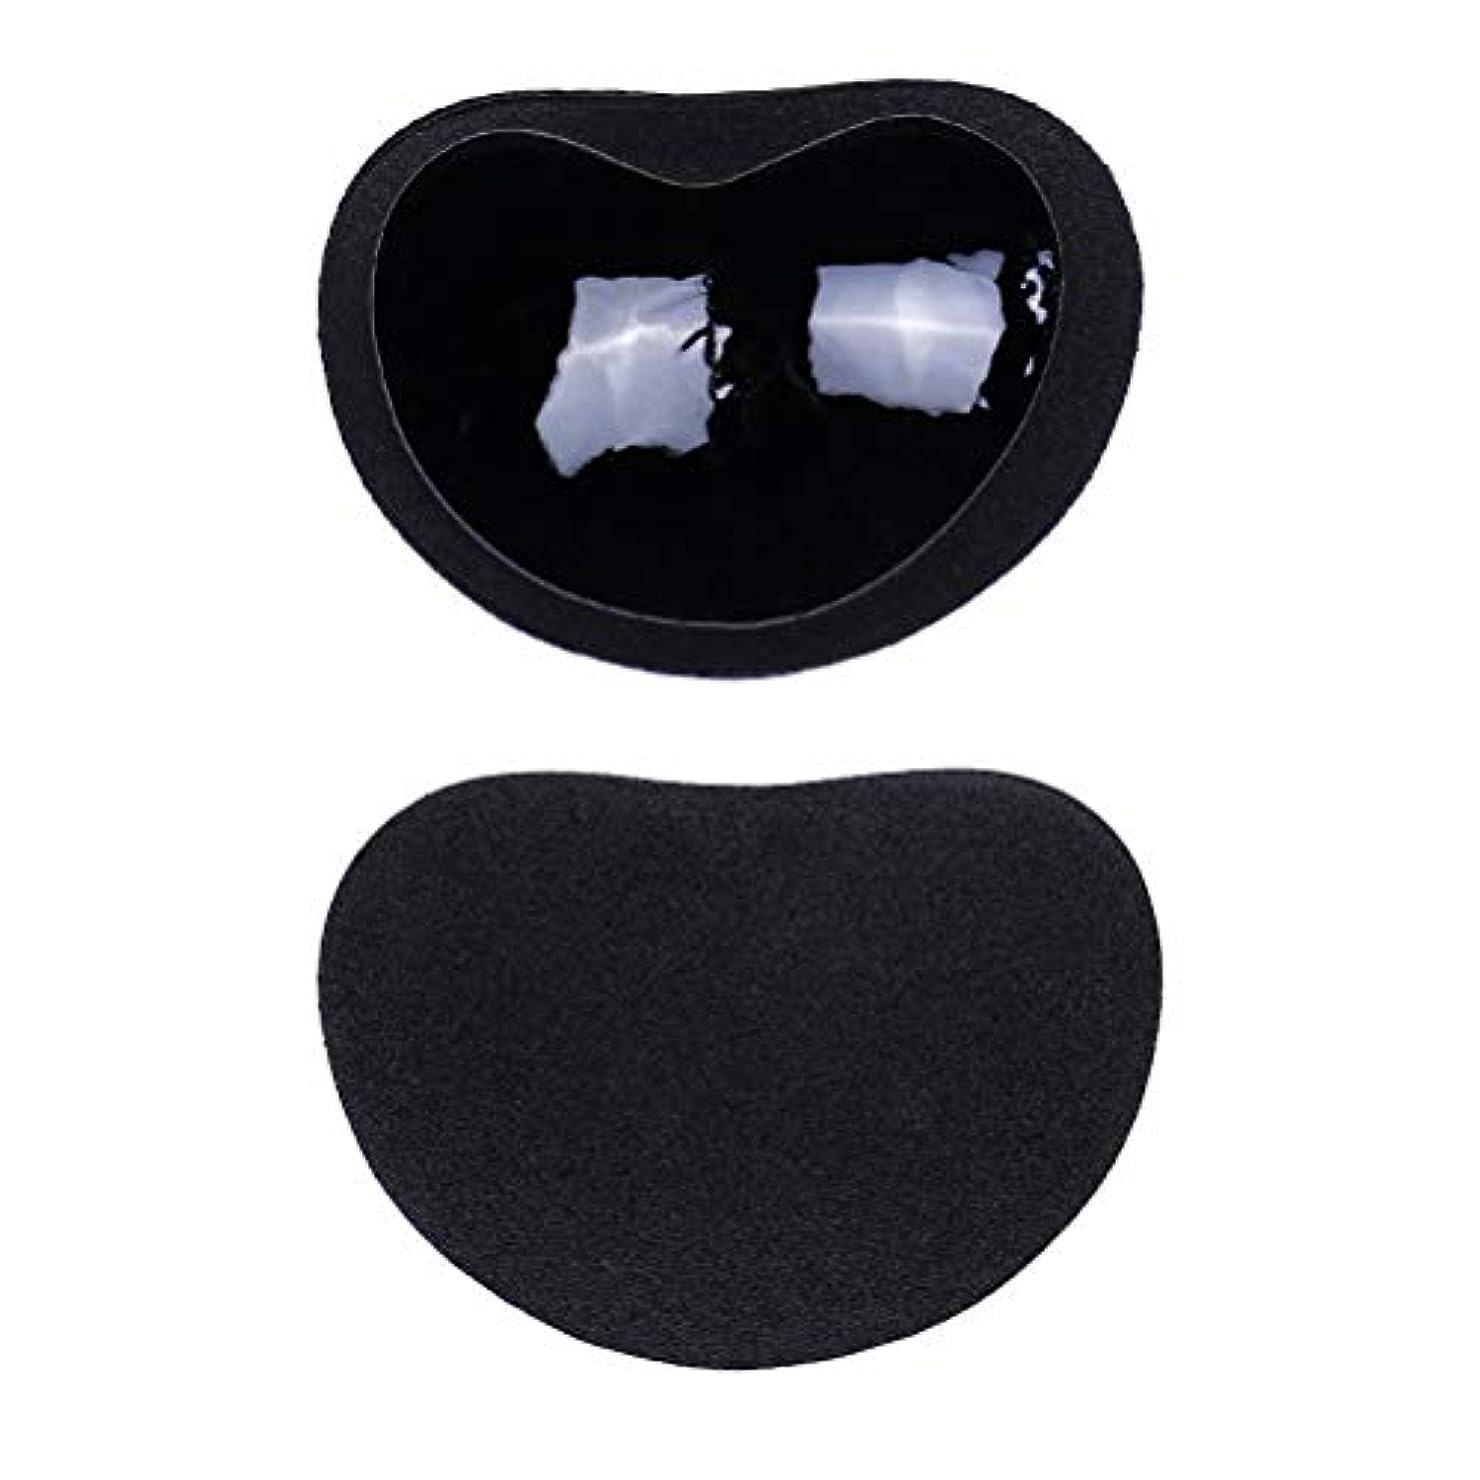 姉妹シリング工業化するHealifty ニップルカバー1ペアストラップレス粘着性のある粘着性のあるブラのシリコーンのニップルは見えないブラニップルのコンシーラーのパティをカバーします(黒)